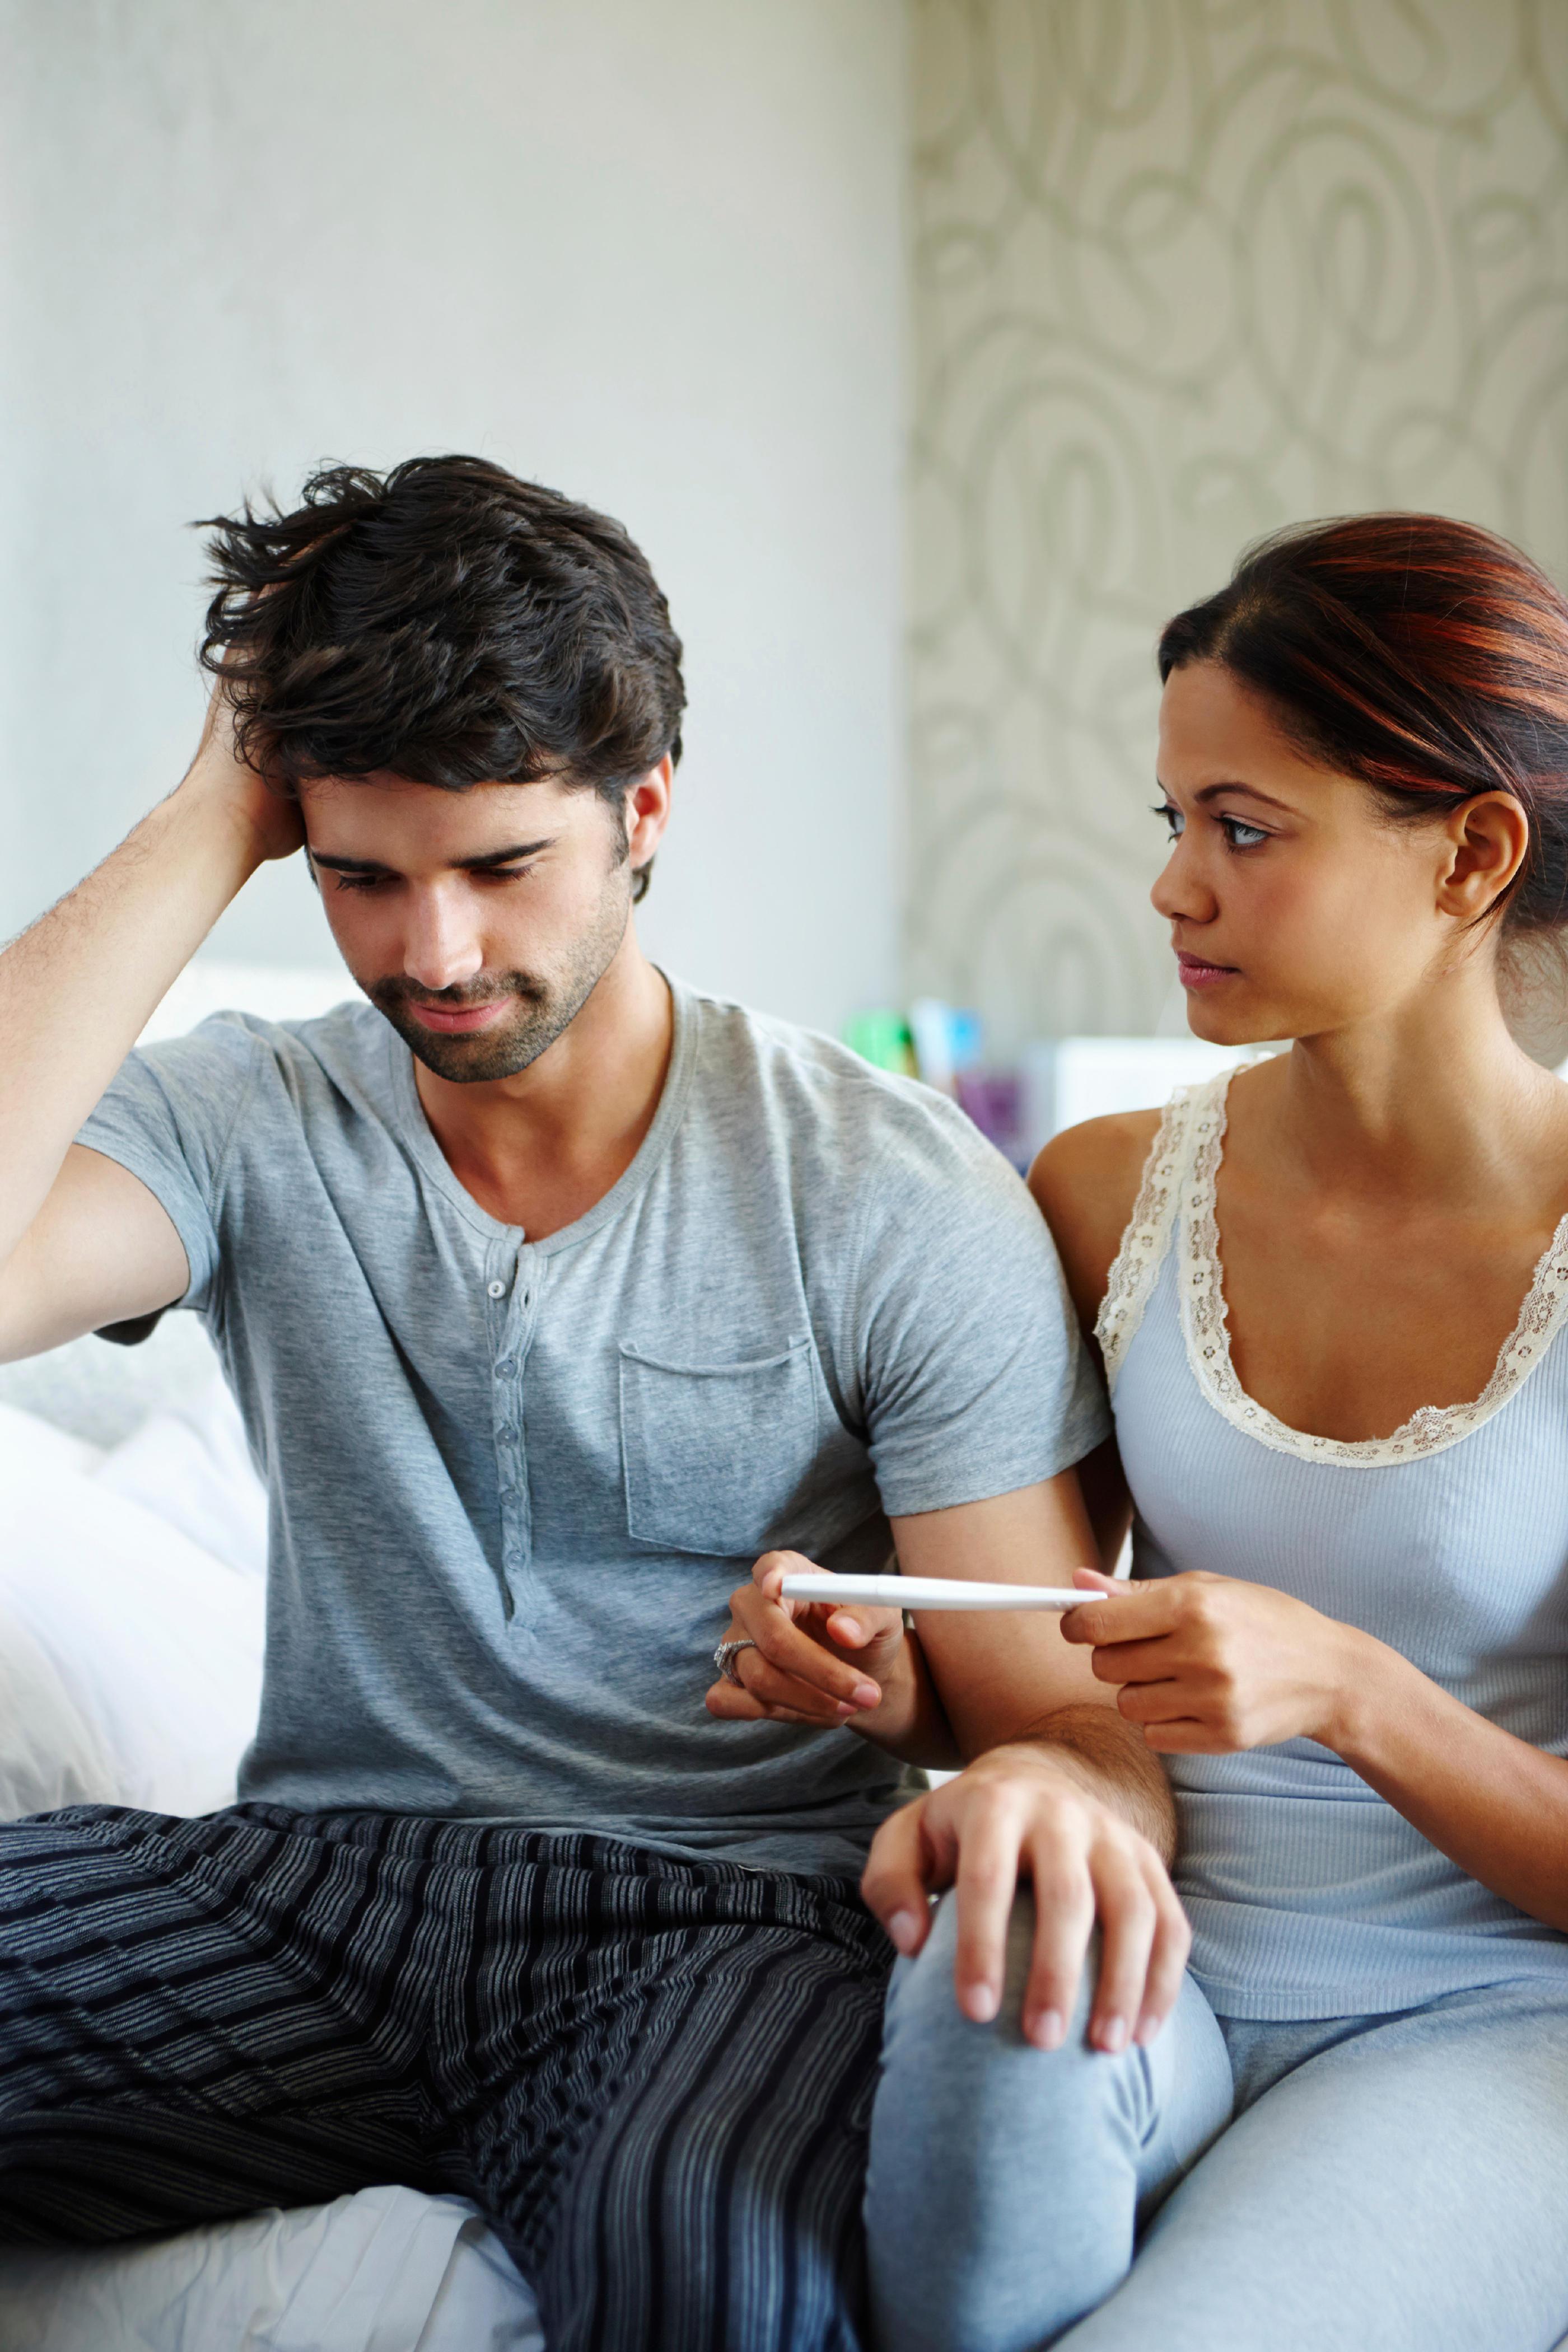 Dating-Mythen aufgedeckt Kanzlei datiert